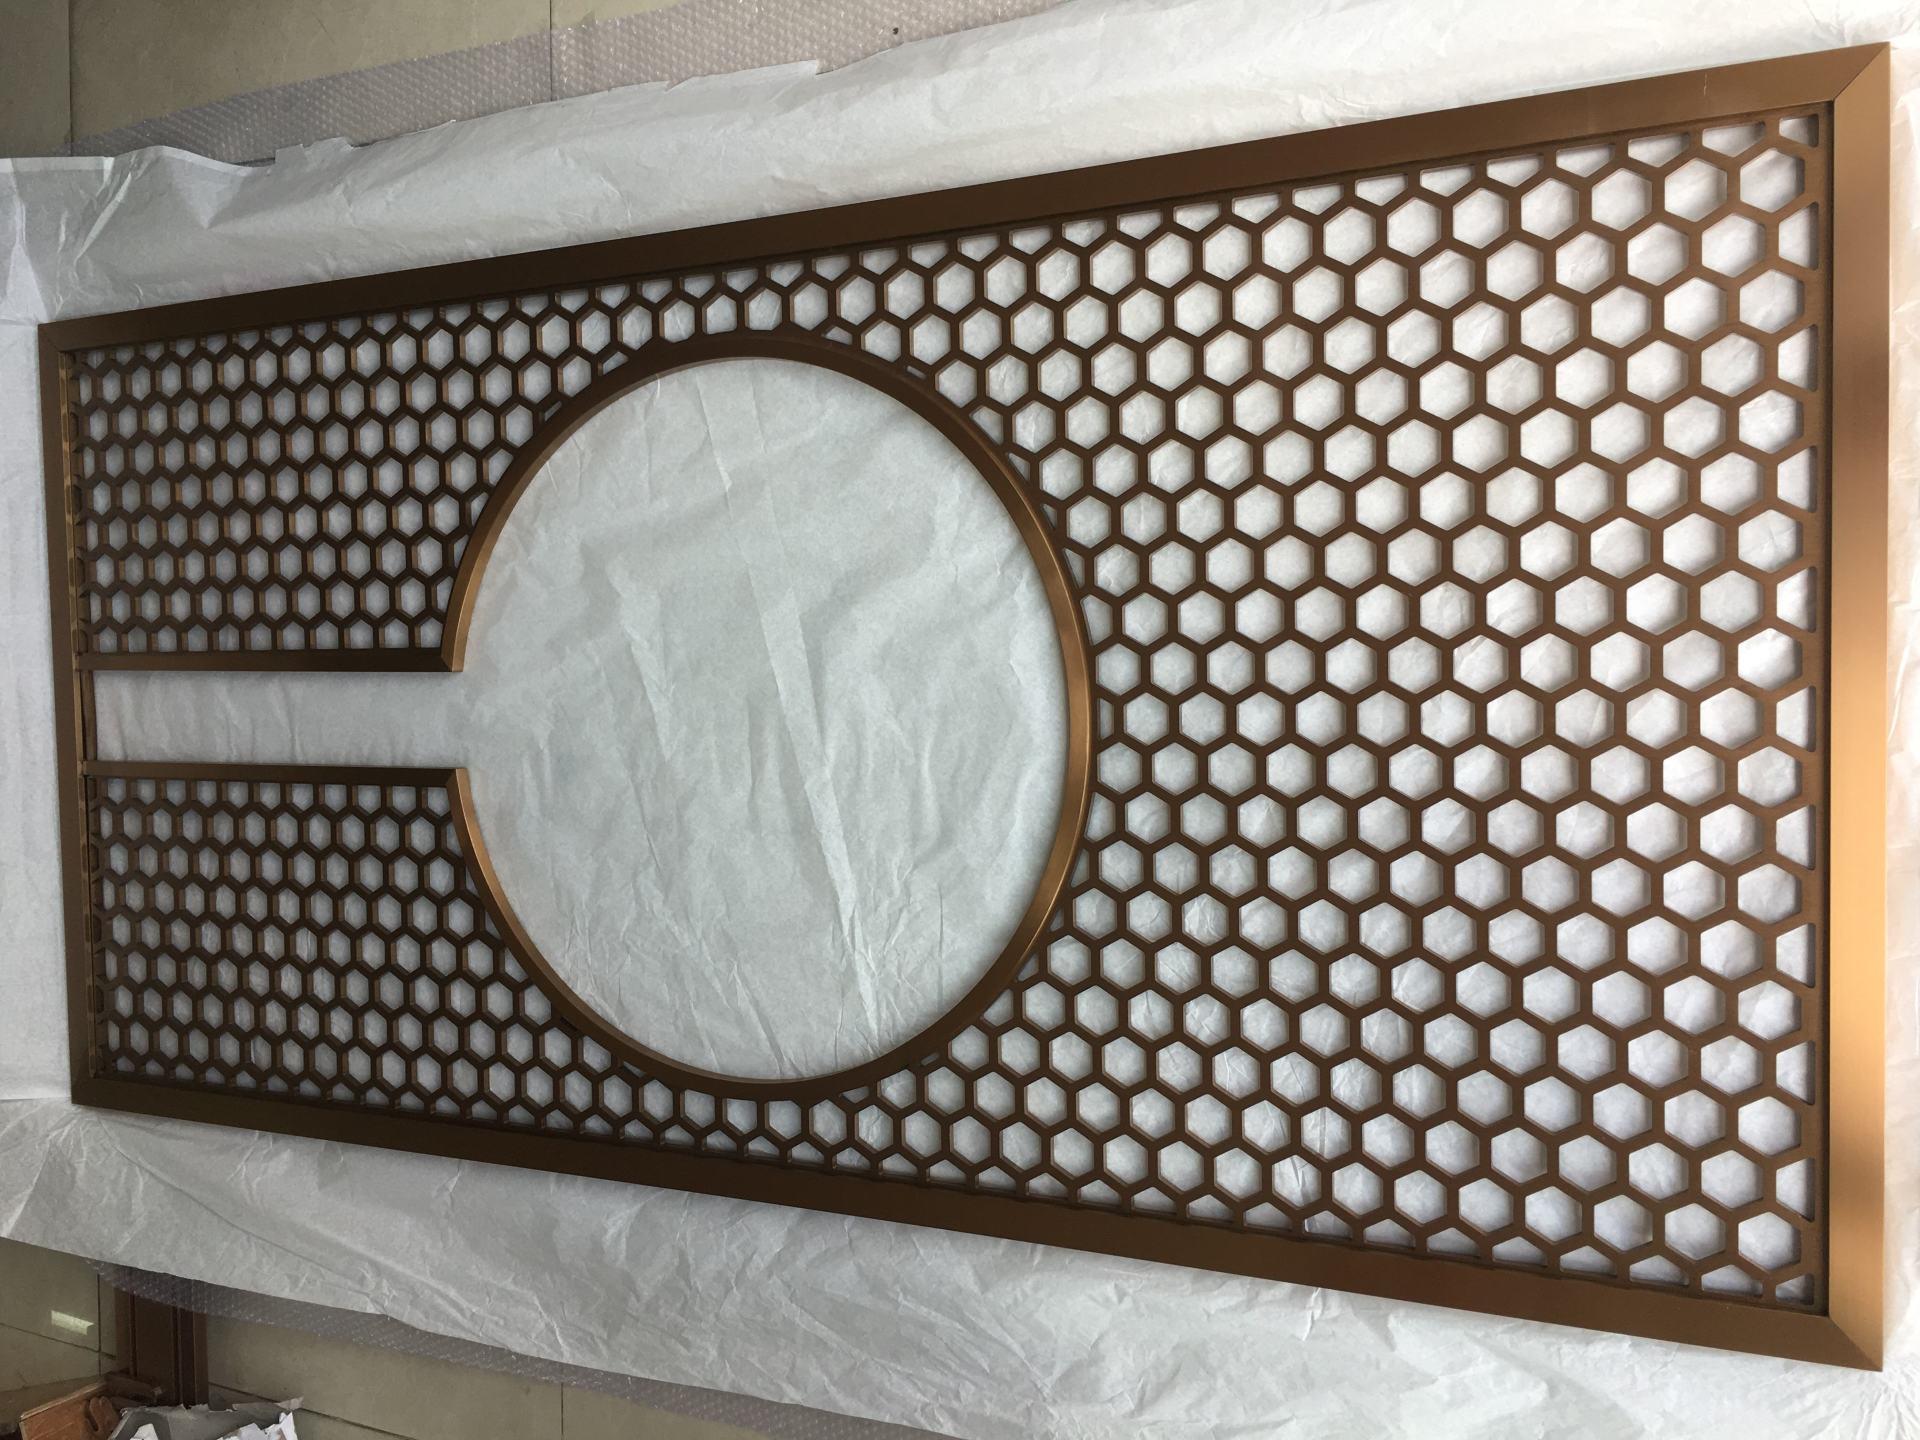 工程专用仿木纹铝窗花 铝窗花价格 仿木铝窗花厂家示例图1